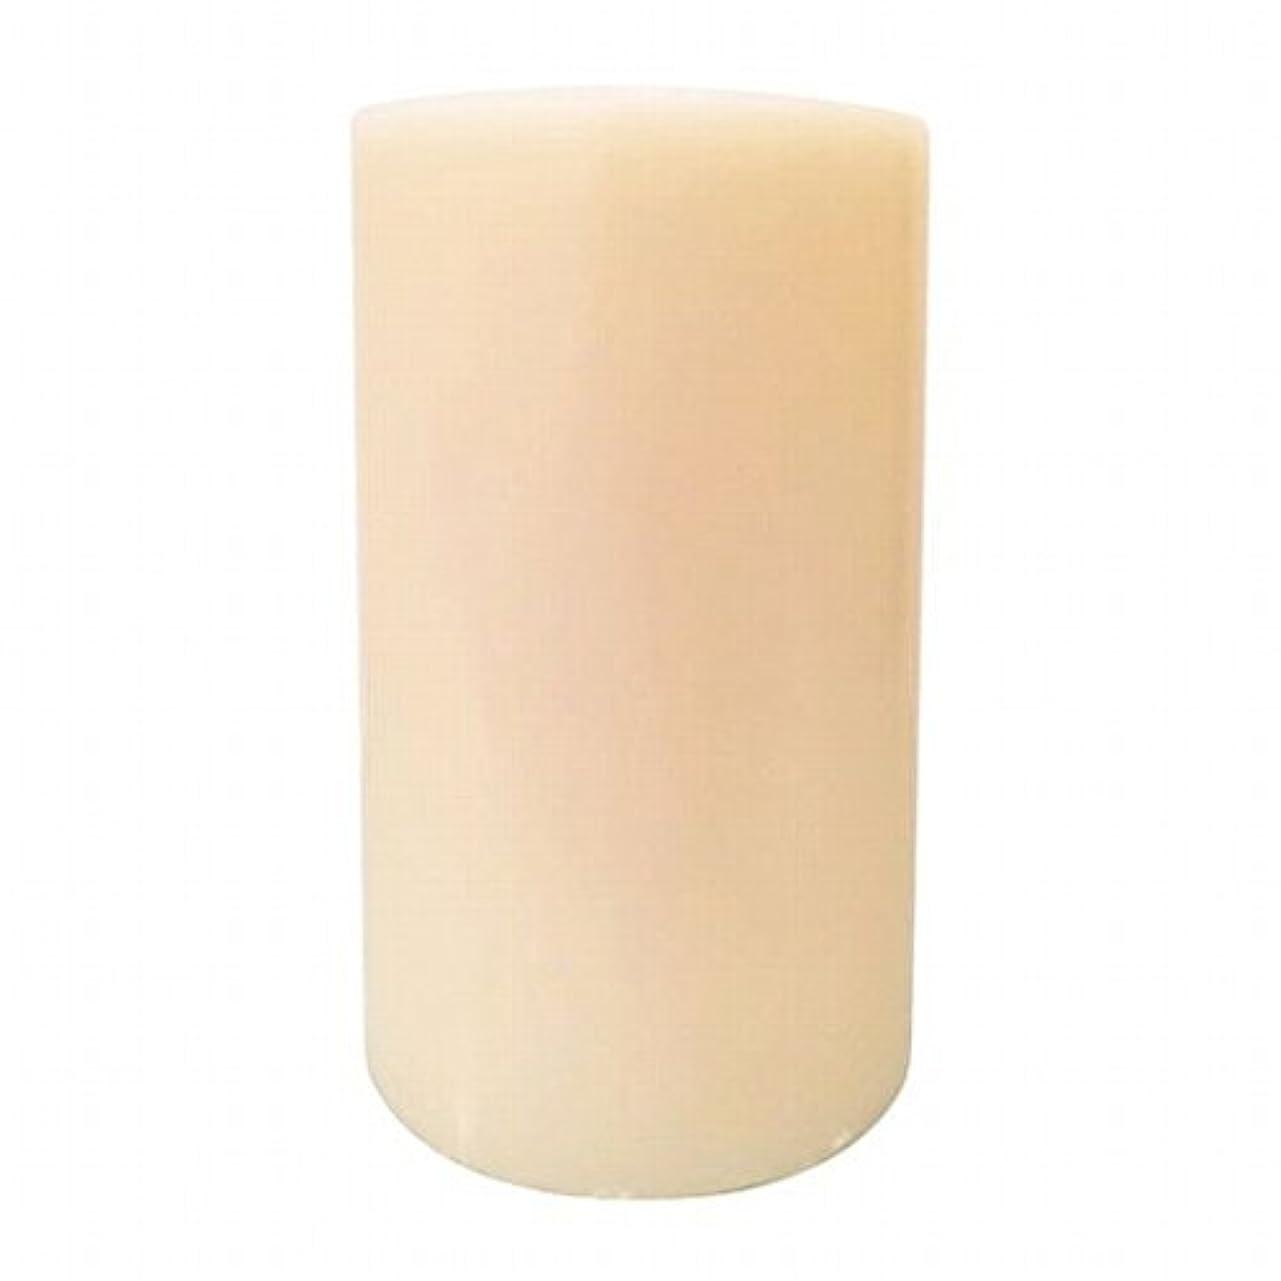 できるスラム街マイルドカメヤマキャンドル( kameyama candle ) LUMINARA(ルミナラ)グランディオピラー S ピラーホルダー